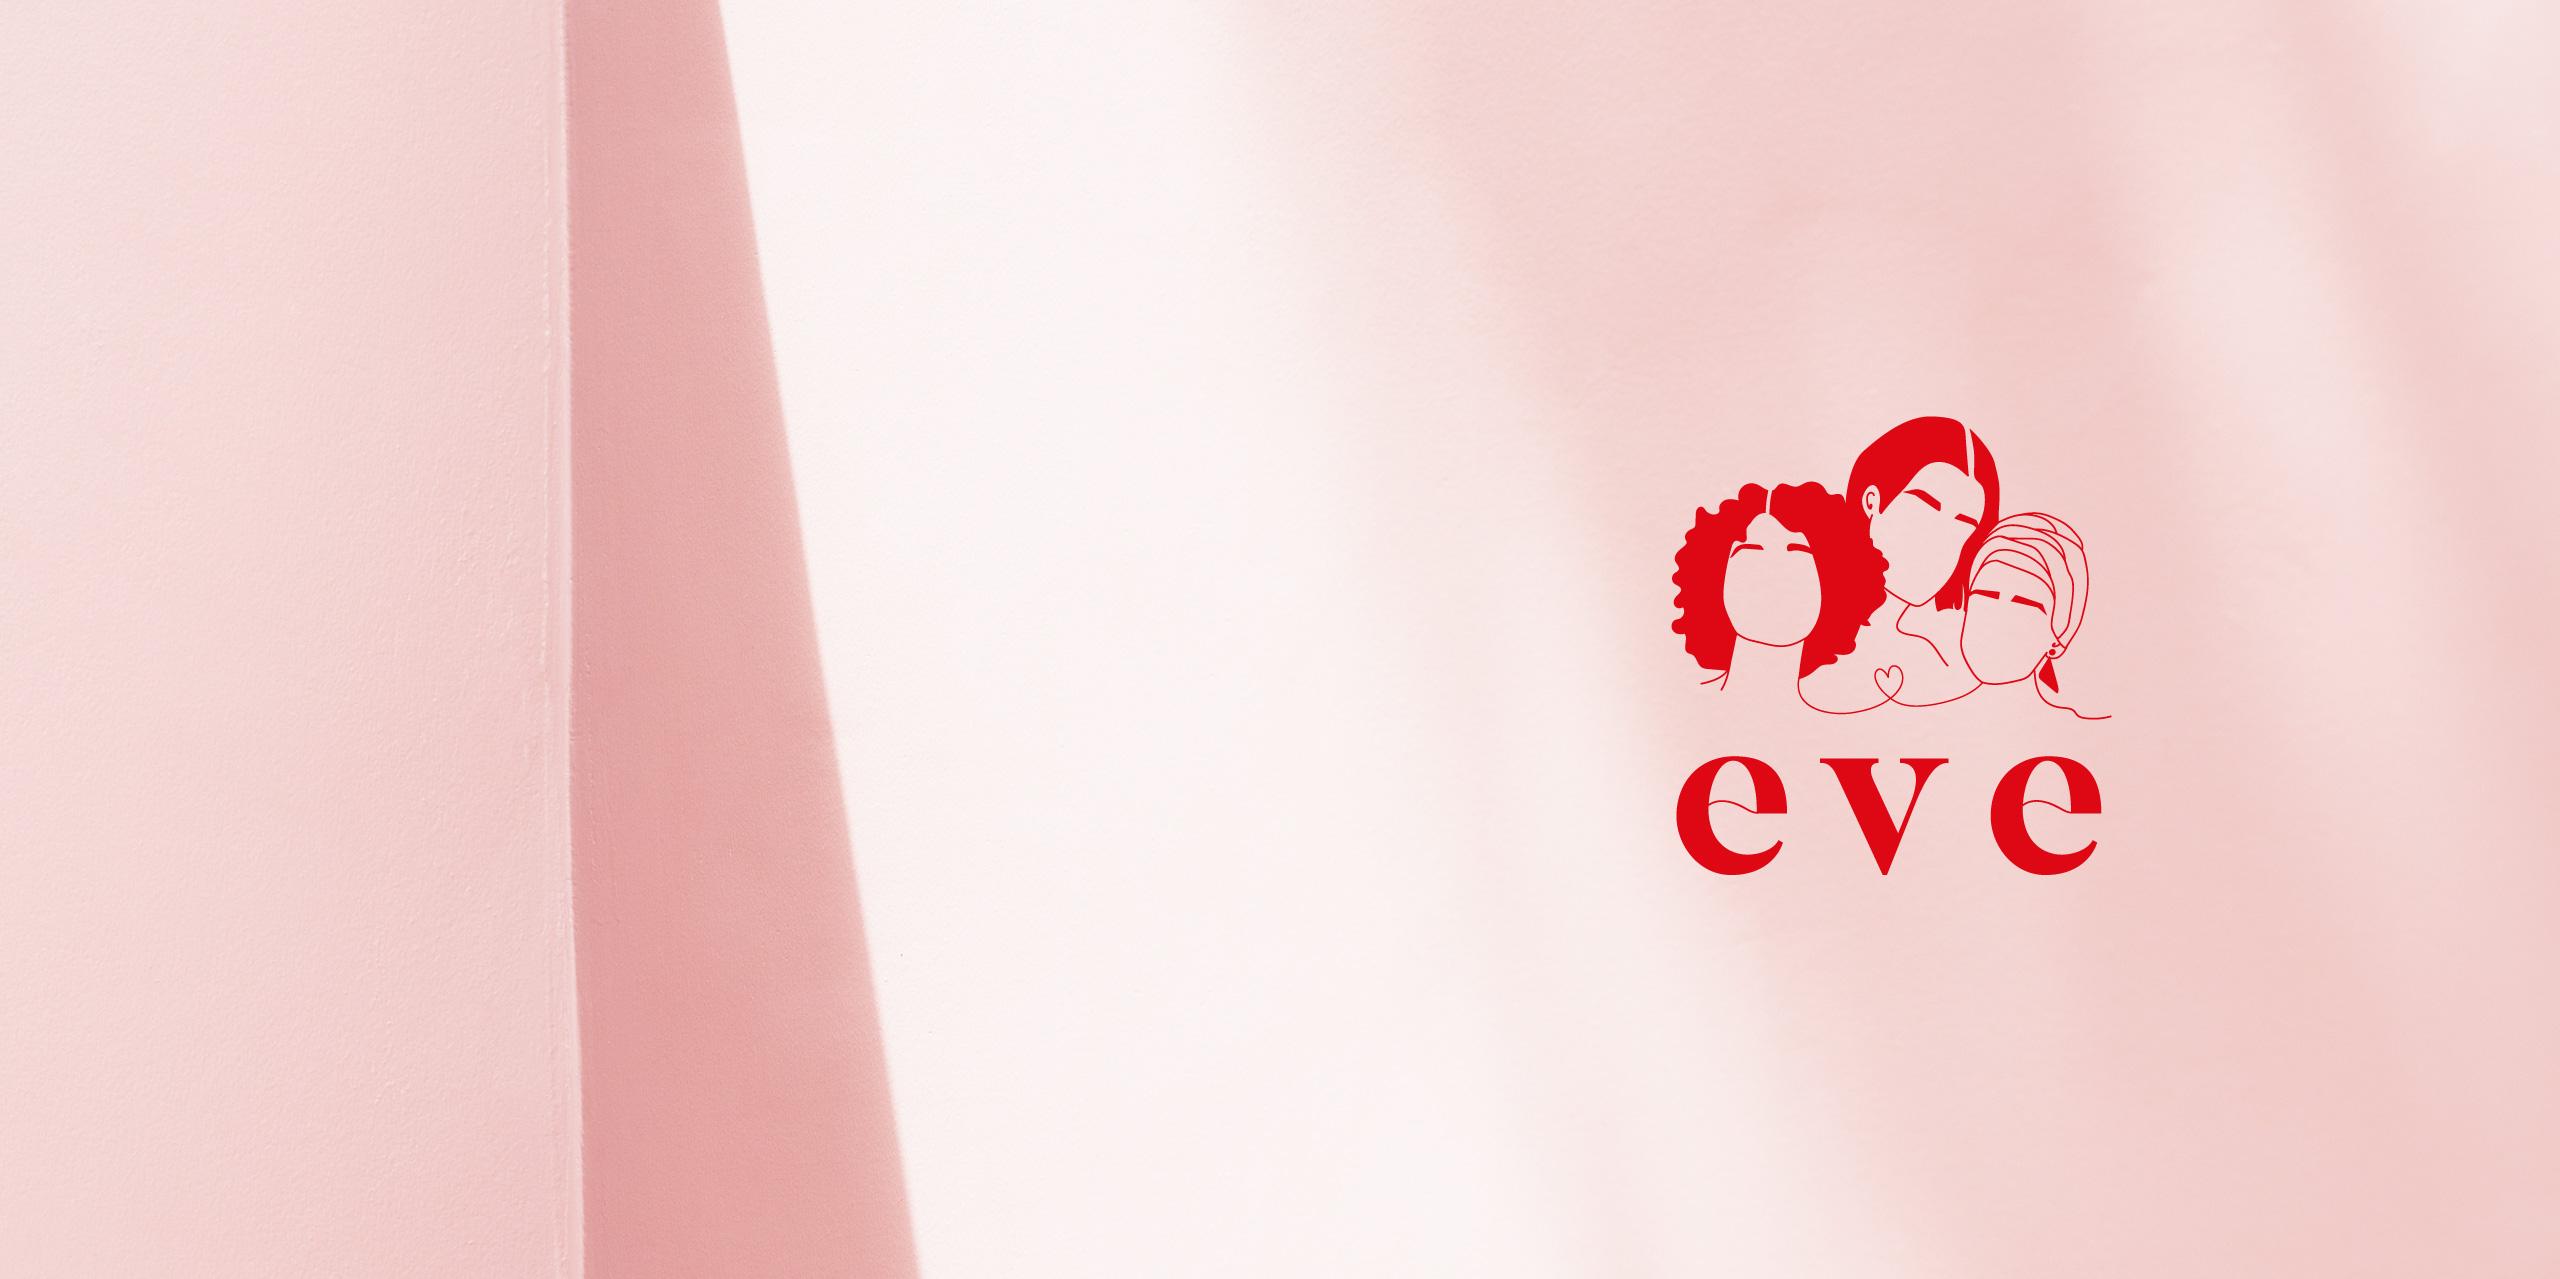 logo identité visuelle eve centre communautaire